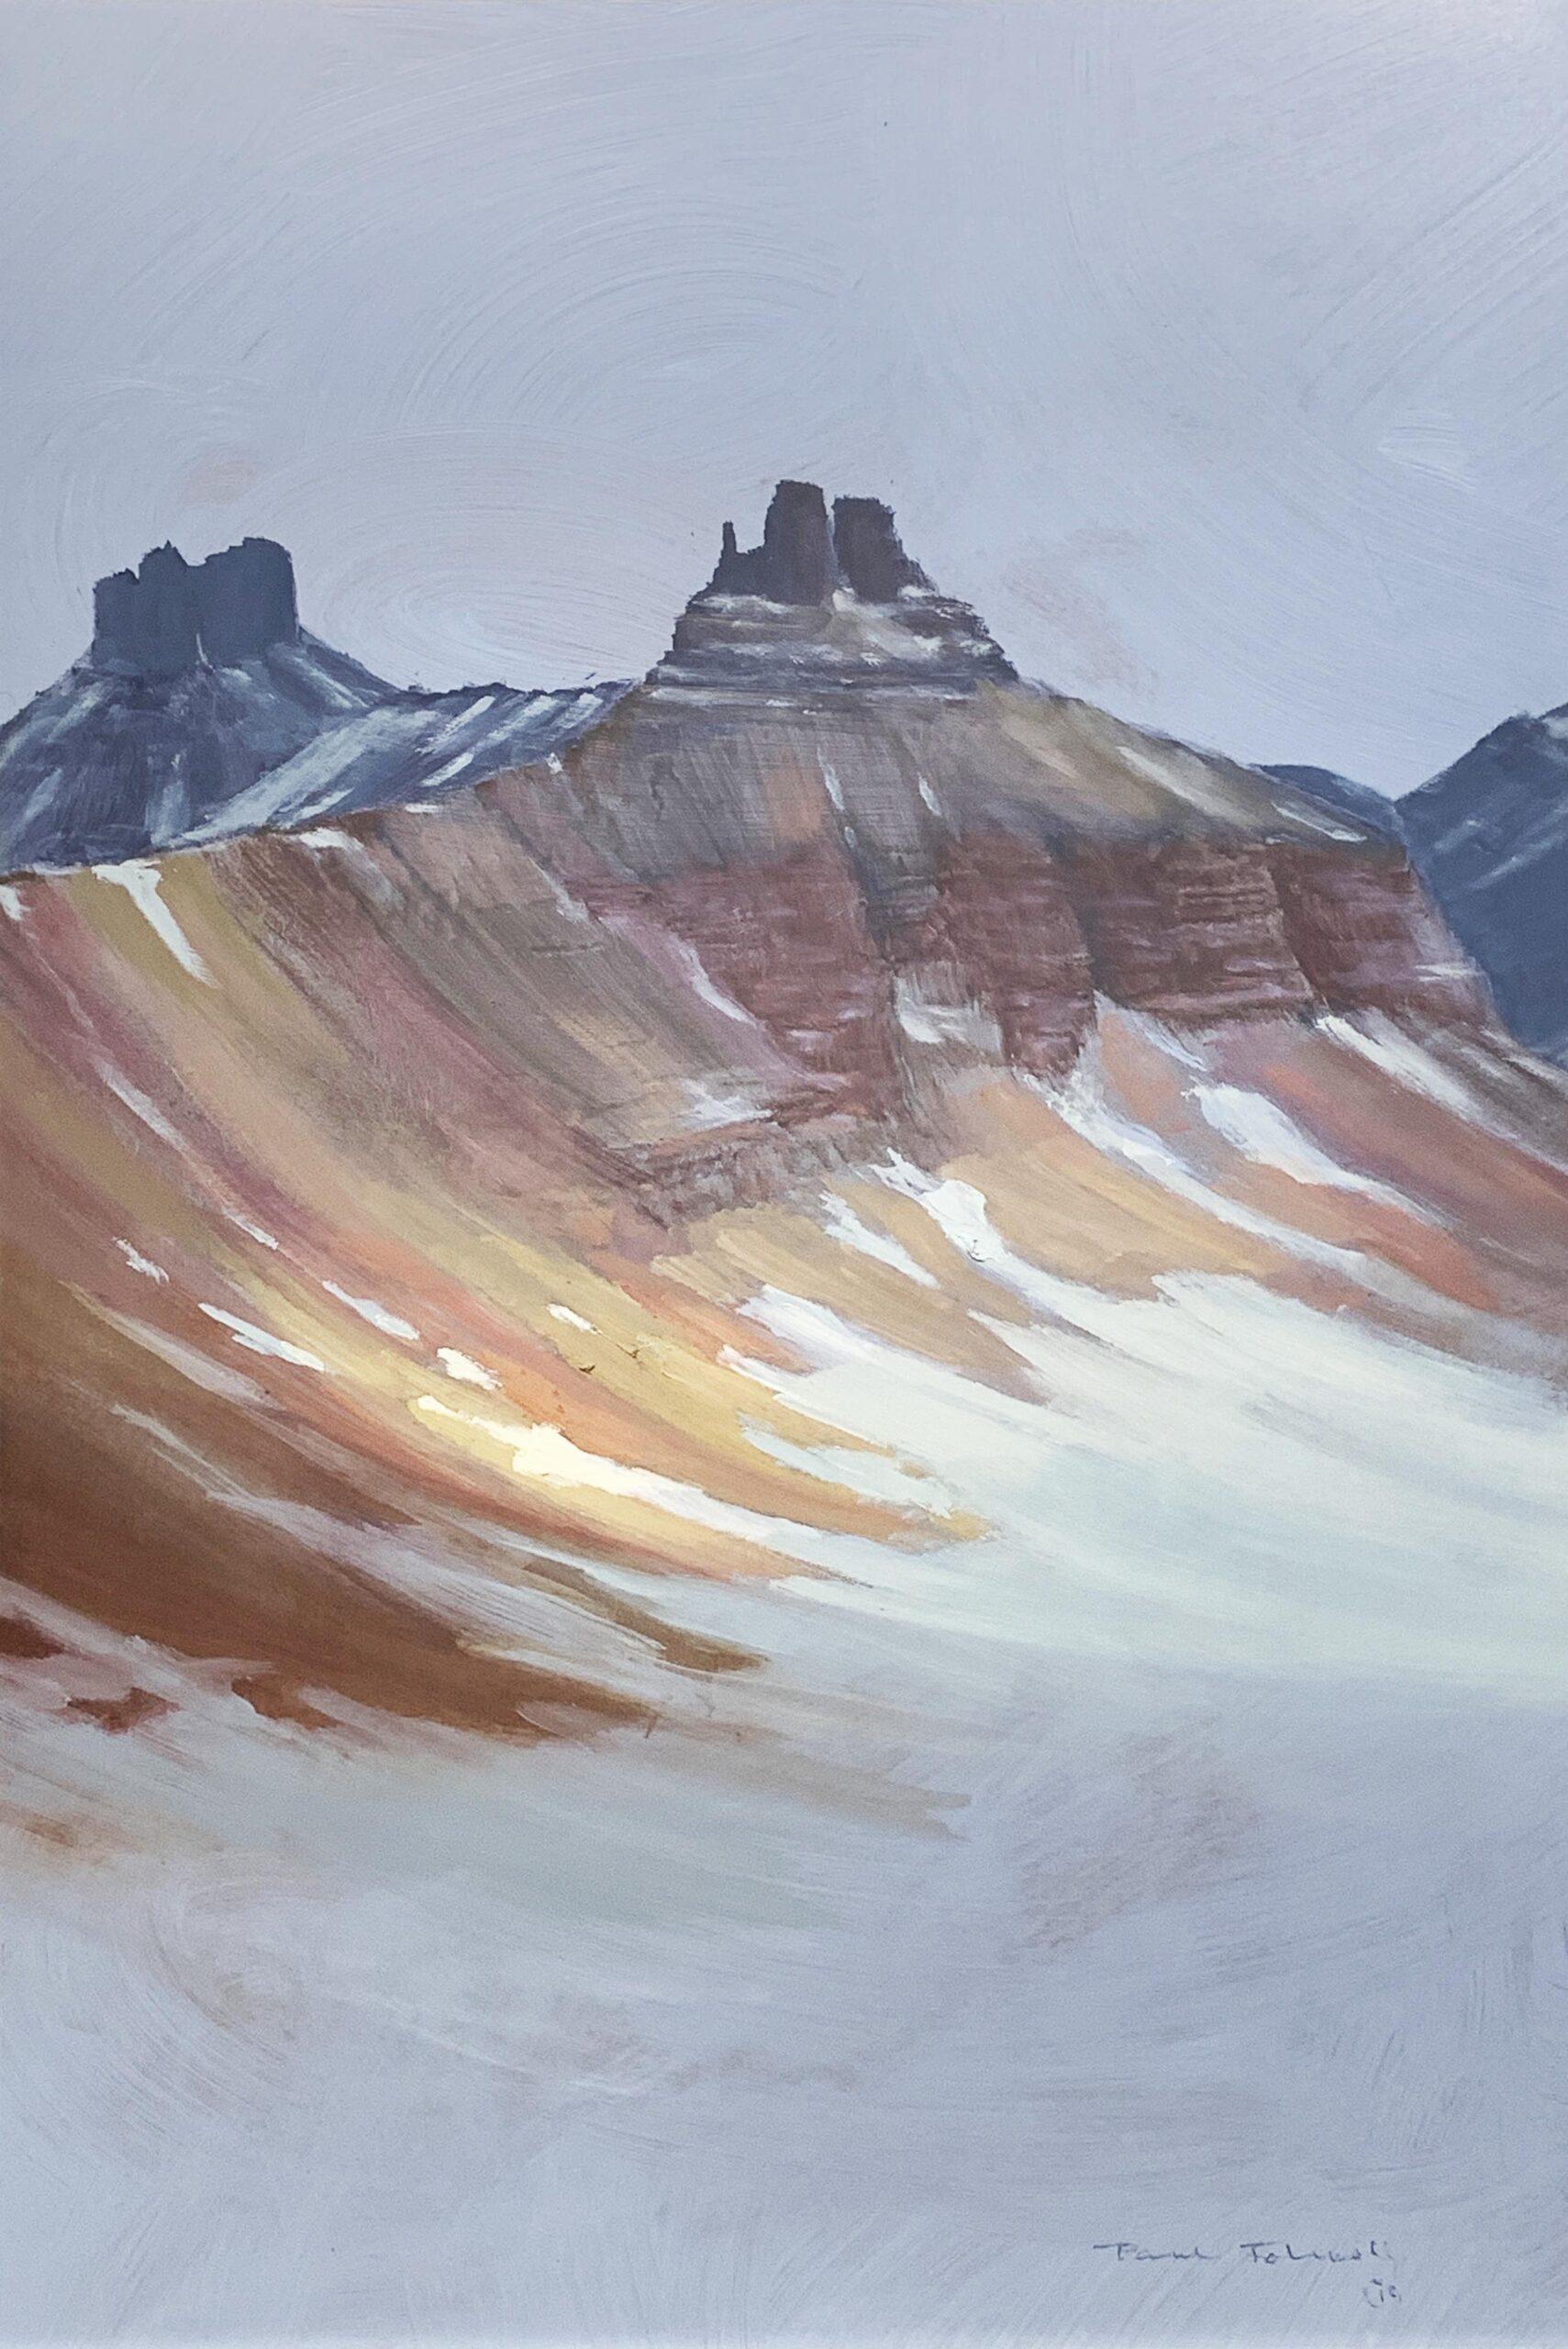 View from Vermilion Peak